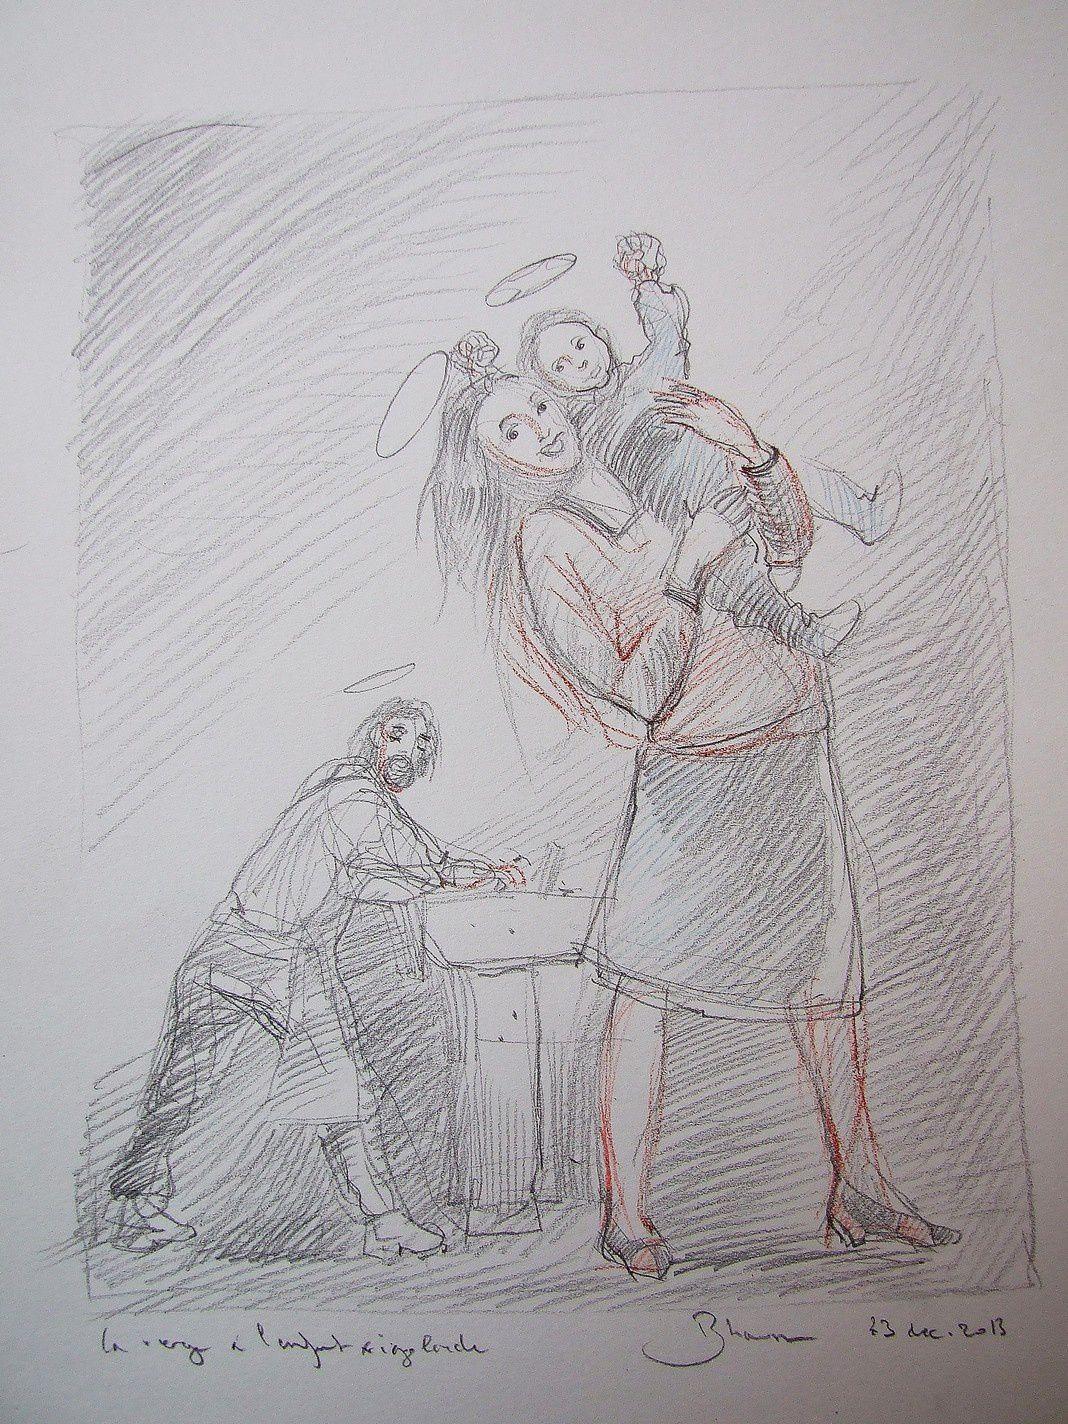 Pour une vierge à l'enfant riante! crayon 21X30 2013 (5)